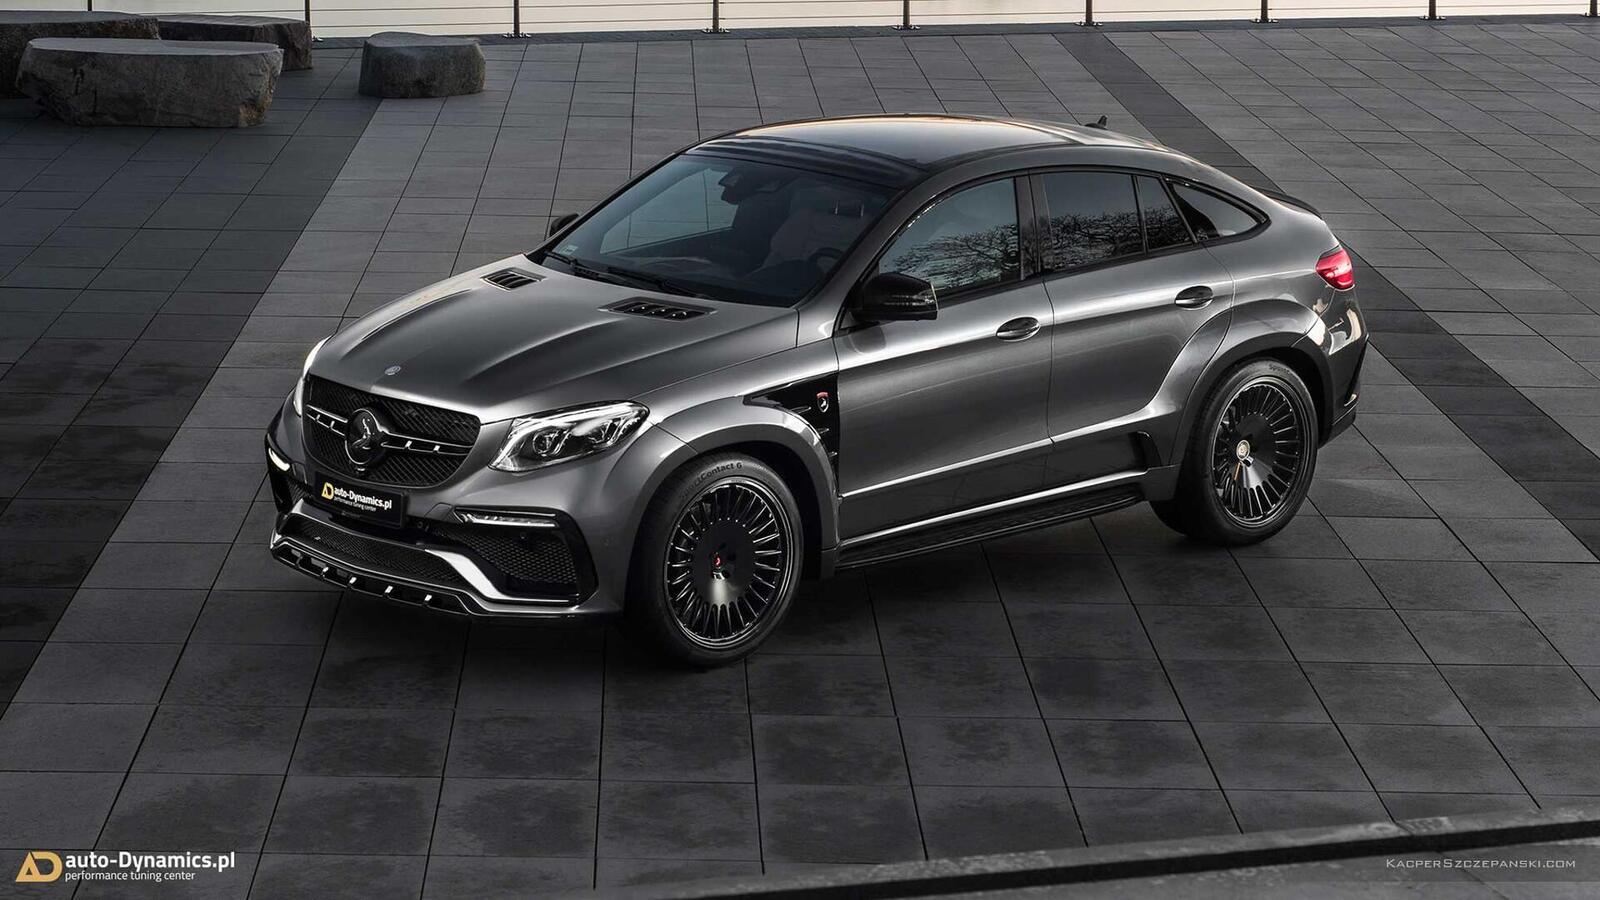 Mercedes-AMG GLE 63 S Coupe độ công suất lên 795 mã lực; tăng tốc 0-100 km/h trong 3,25 giây - Hình 4